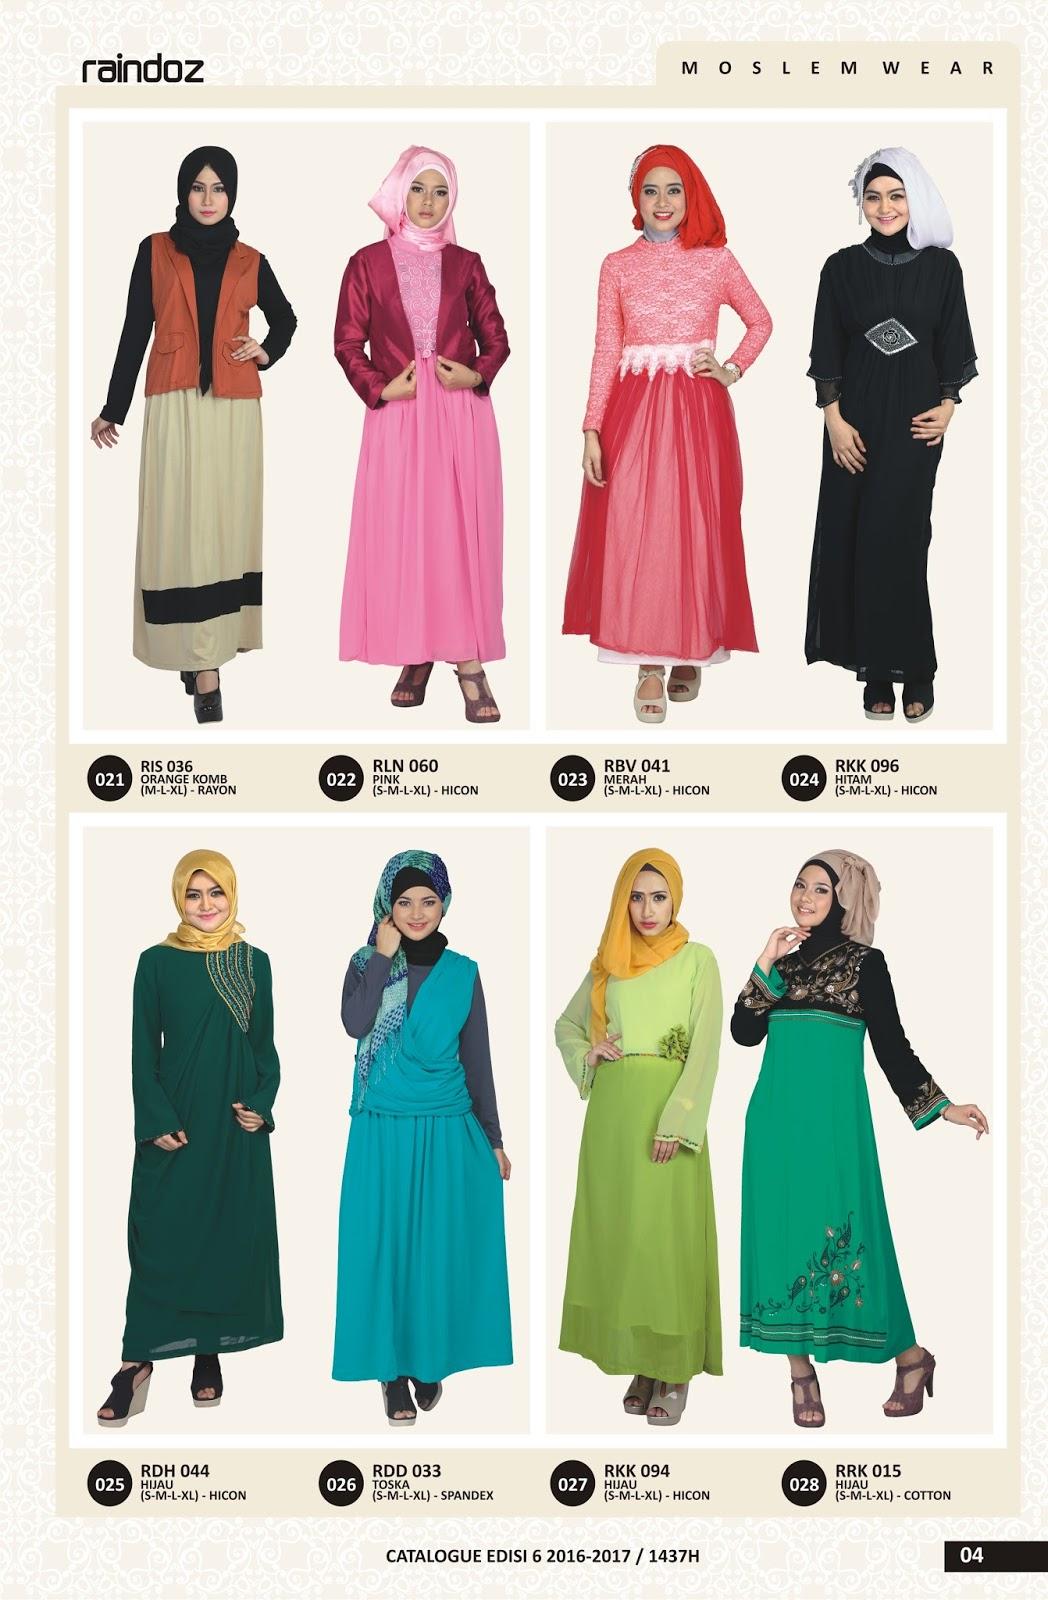 Katalog Raindoz Fashion Distro 2015 2016